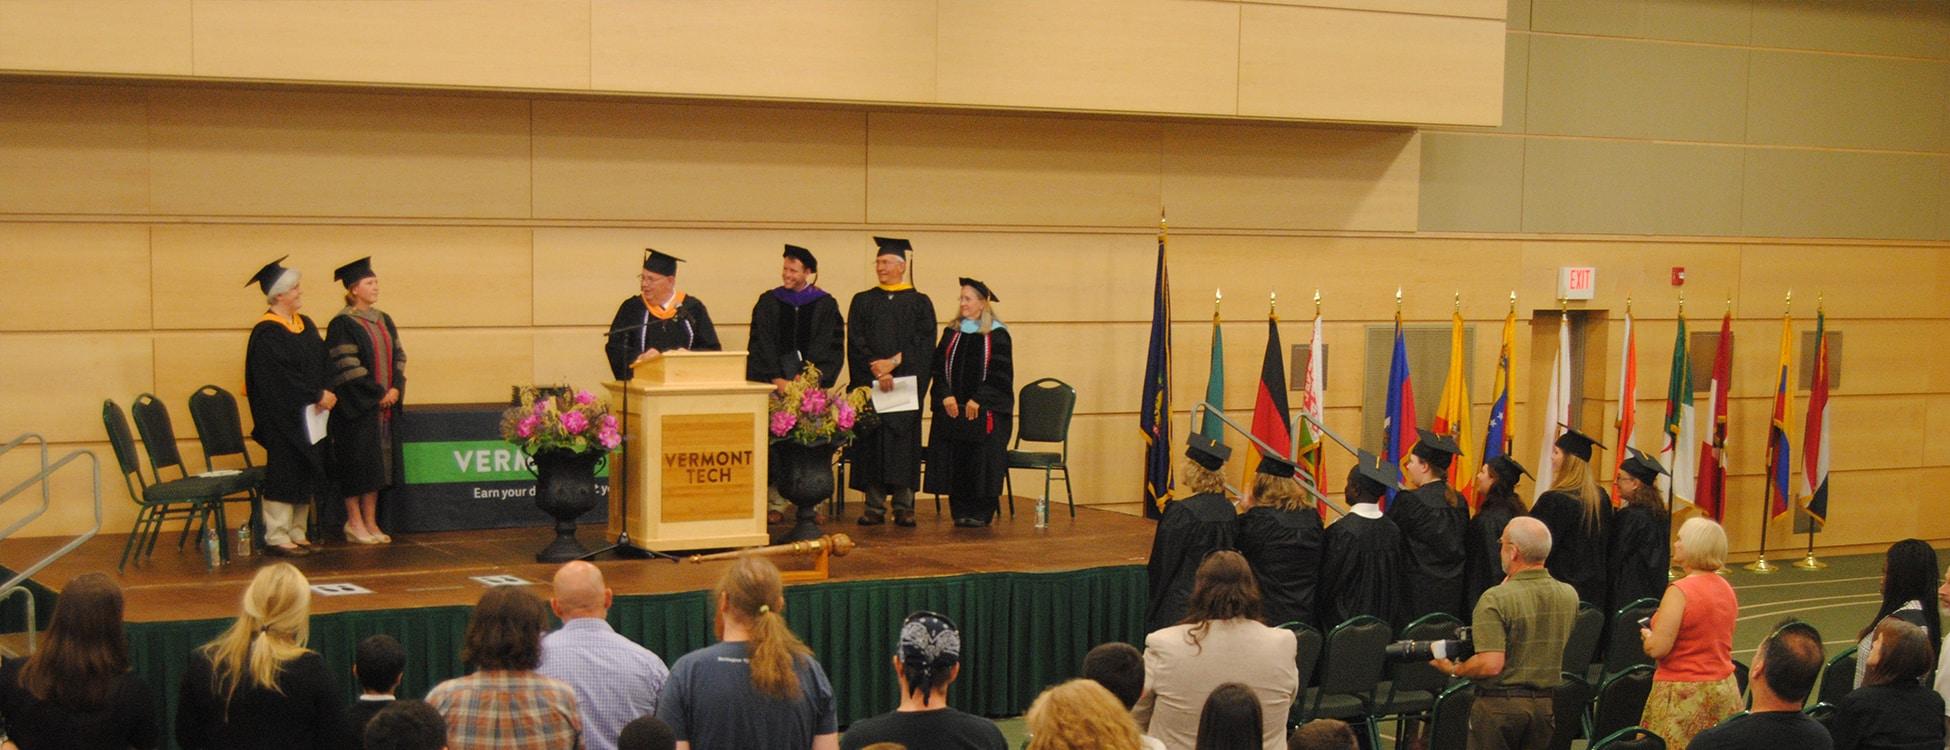 commencement, graduation, nursing